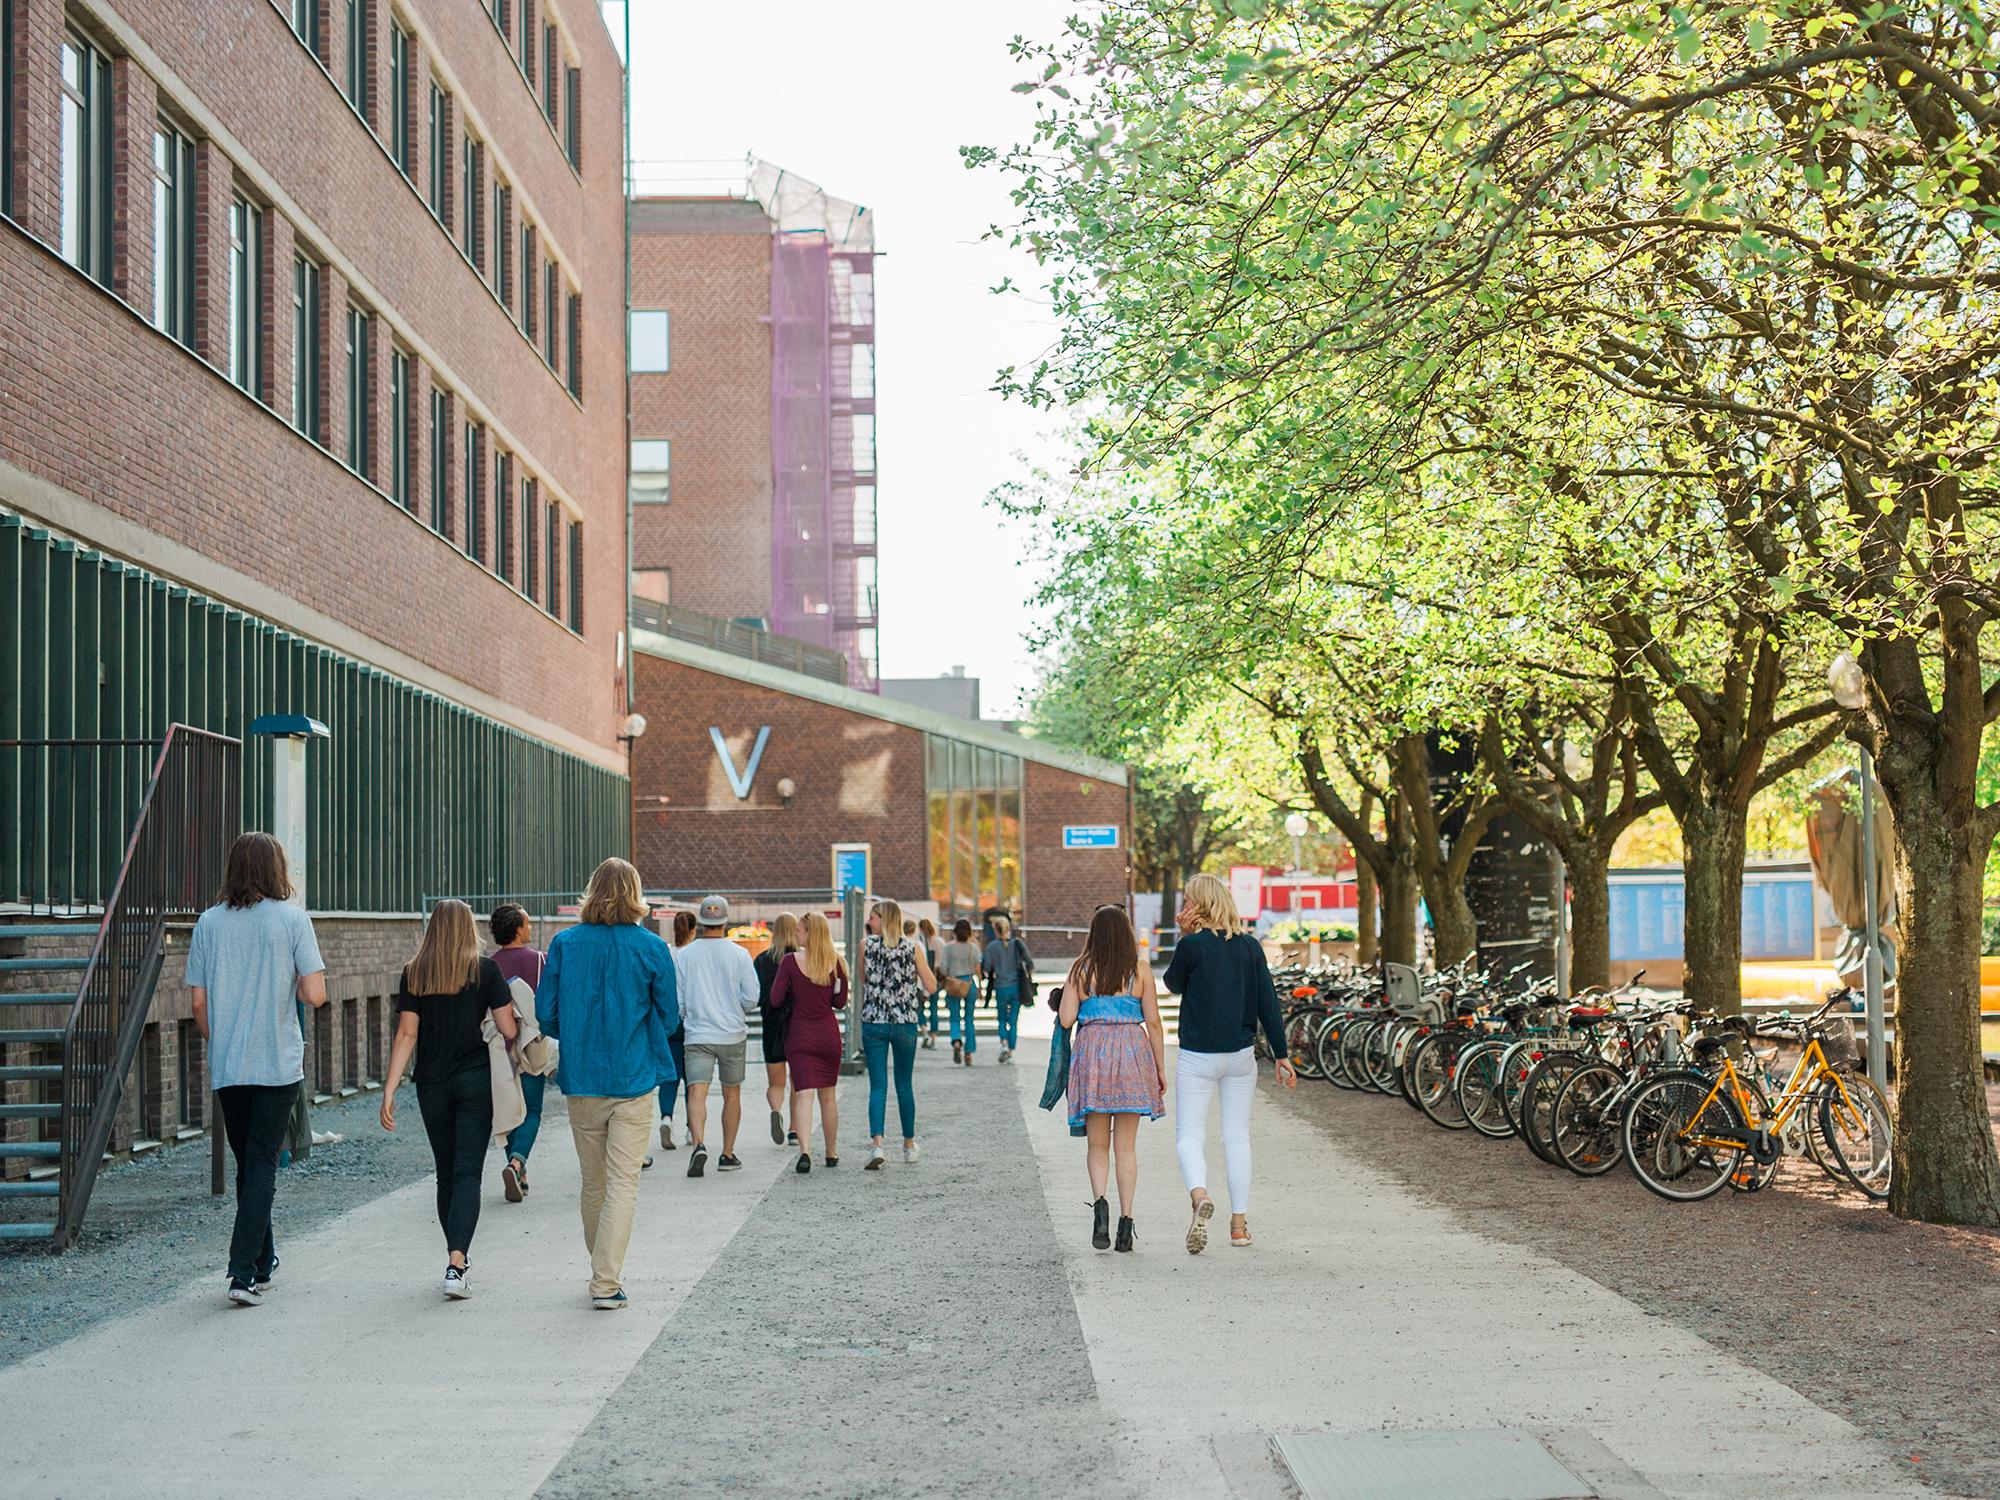 Sommarklädda studenter som går utanför campus på ett universitet.